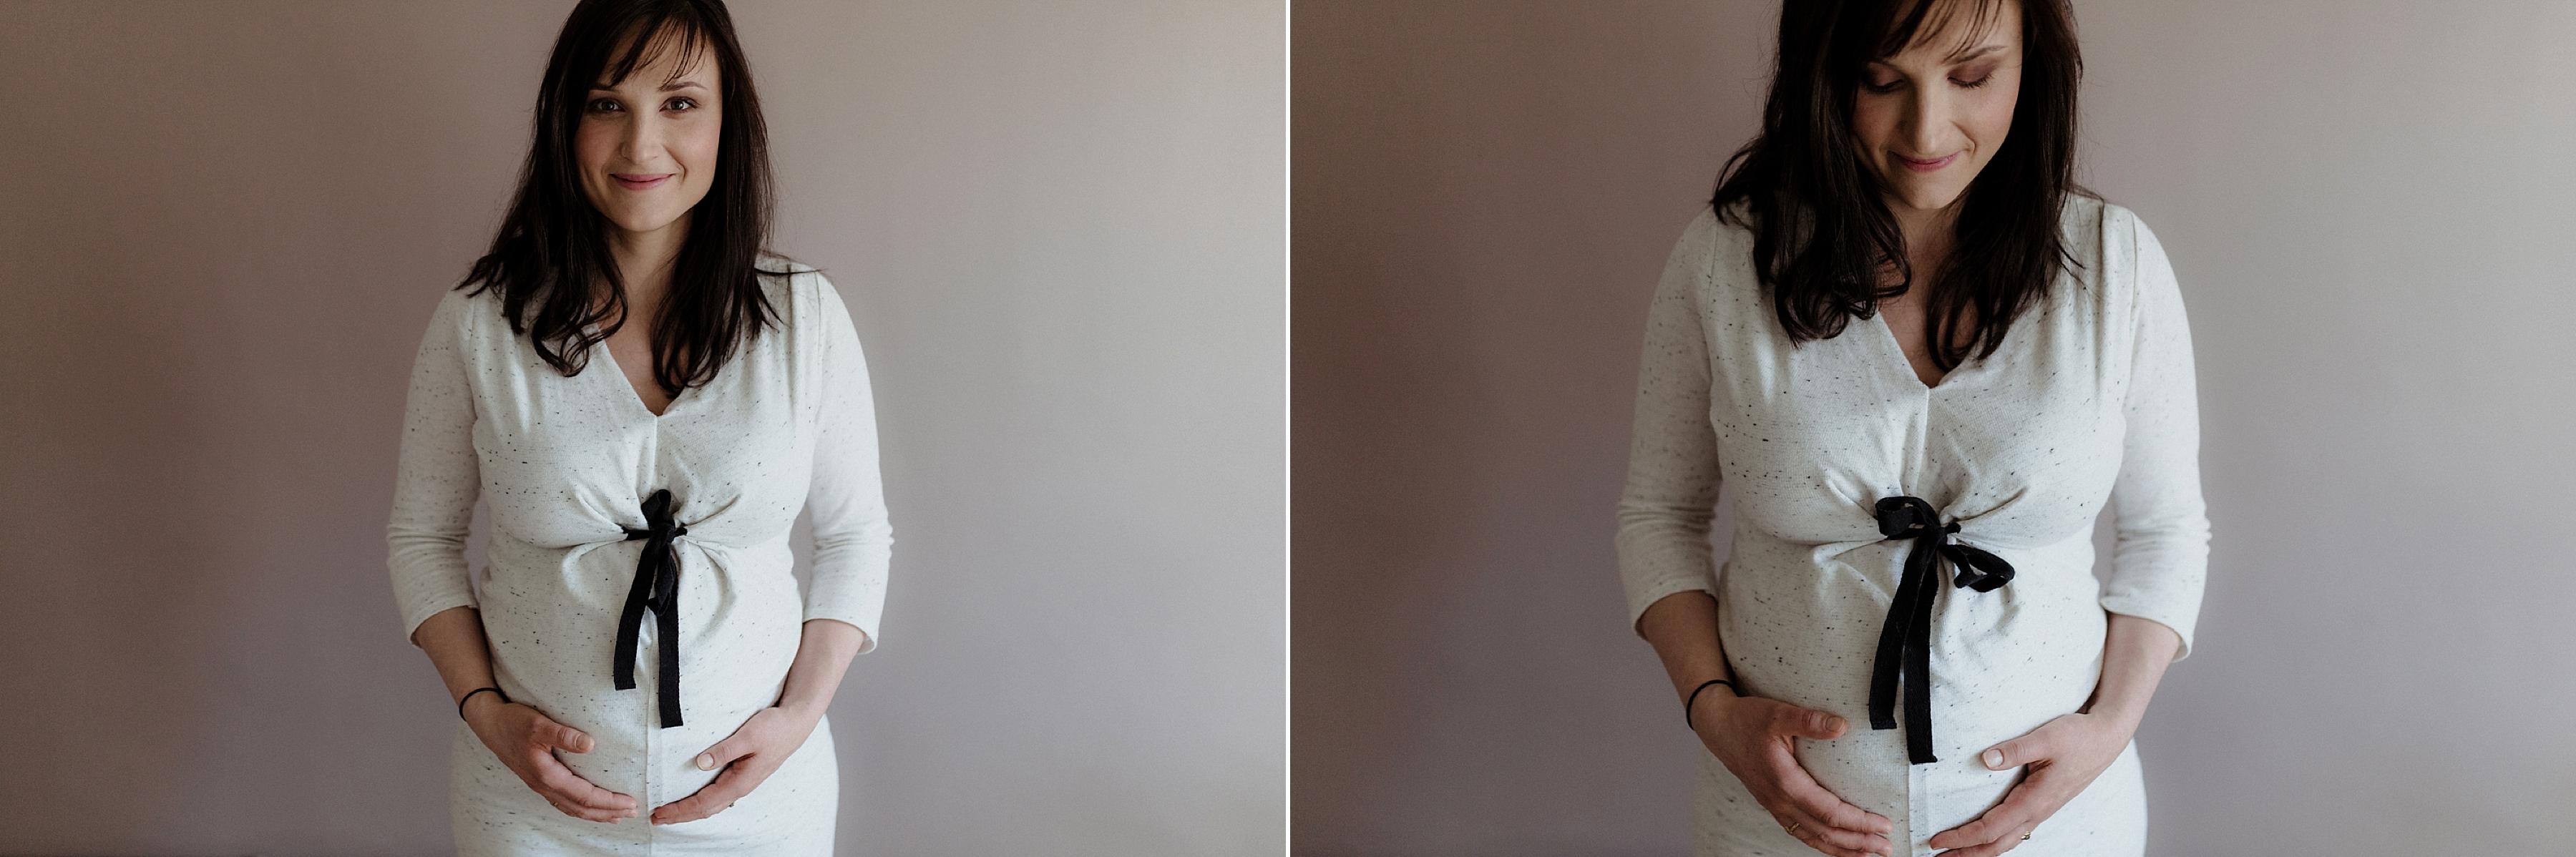 photographie femme enceinte, photo de grossesse, photographe professionnel